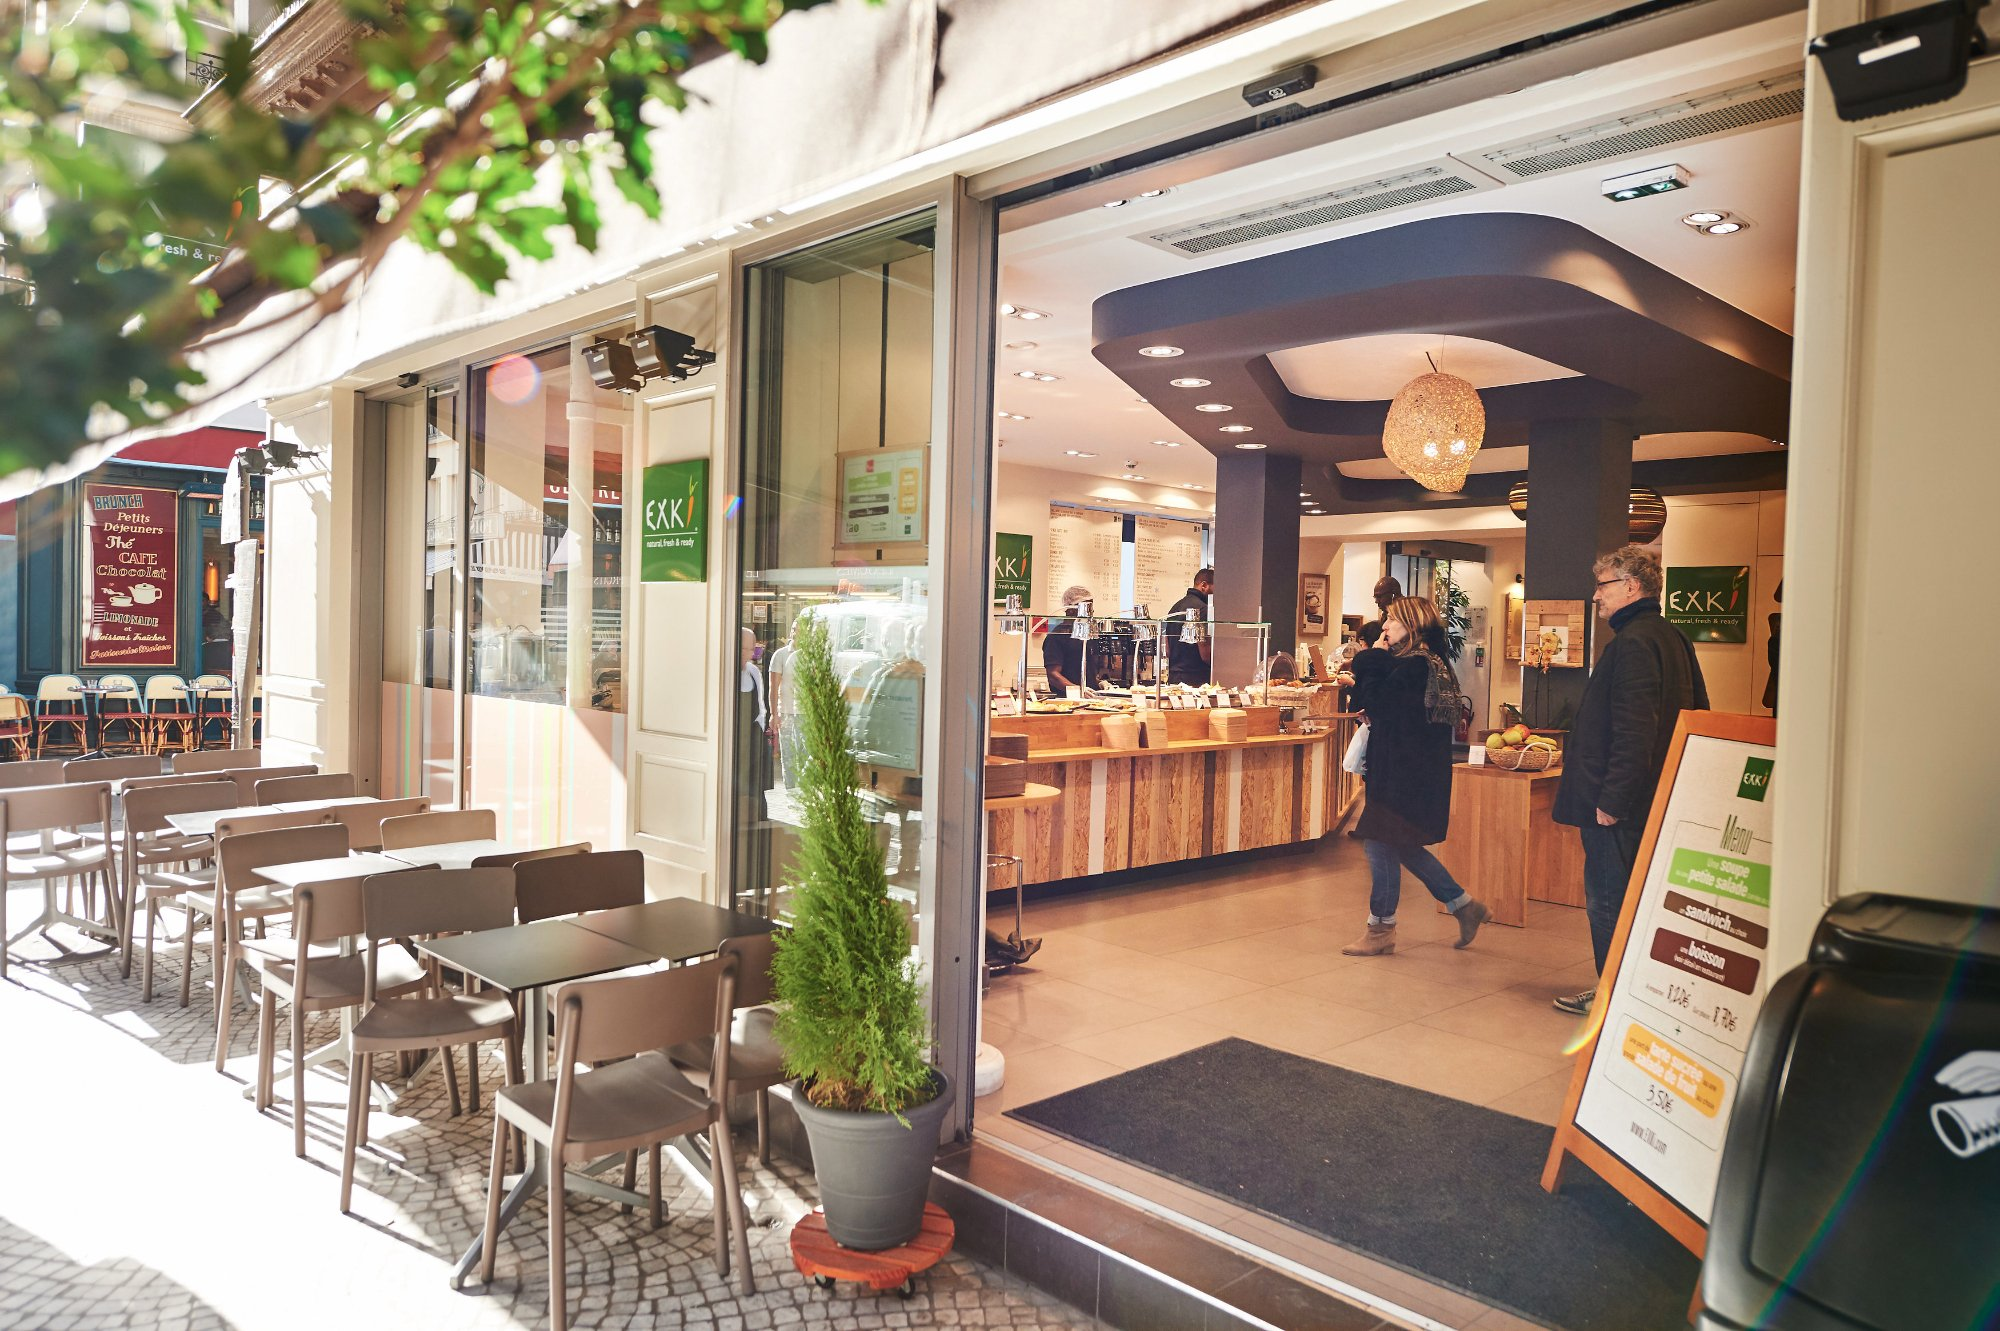 Exki par s 59 rue montorgueil op ra bourse n mero for Bourse exterieur